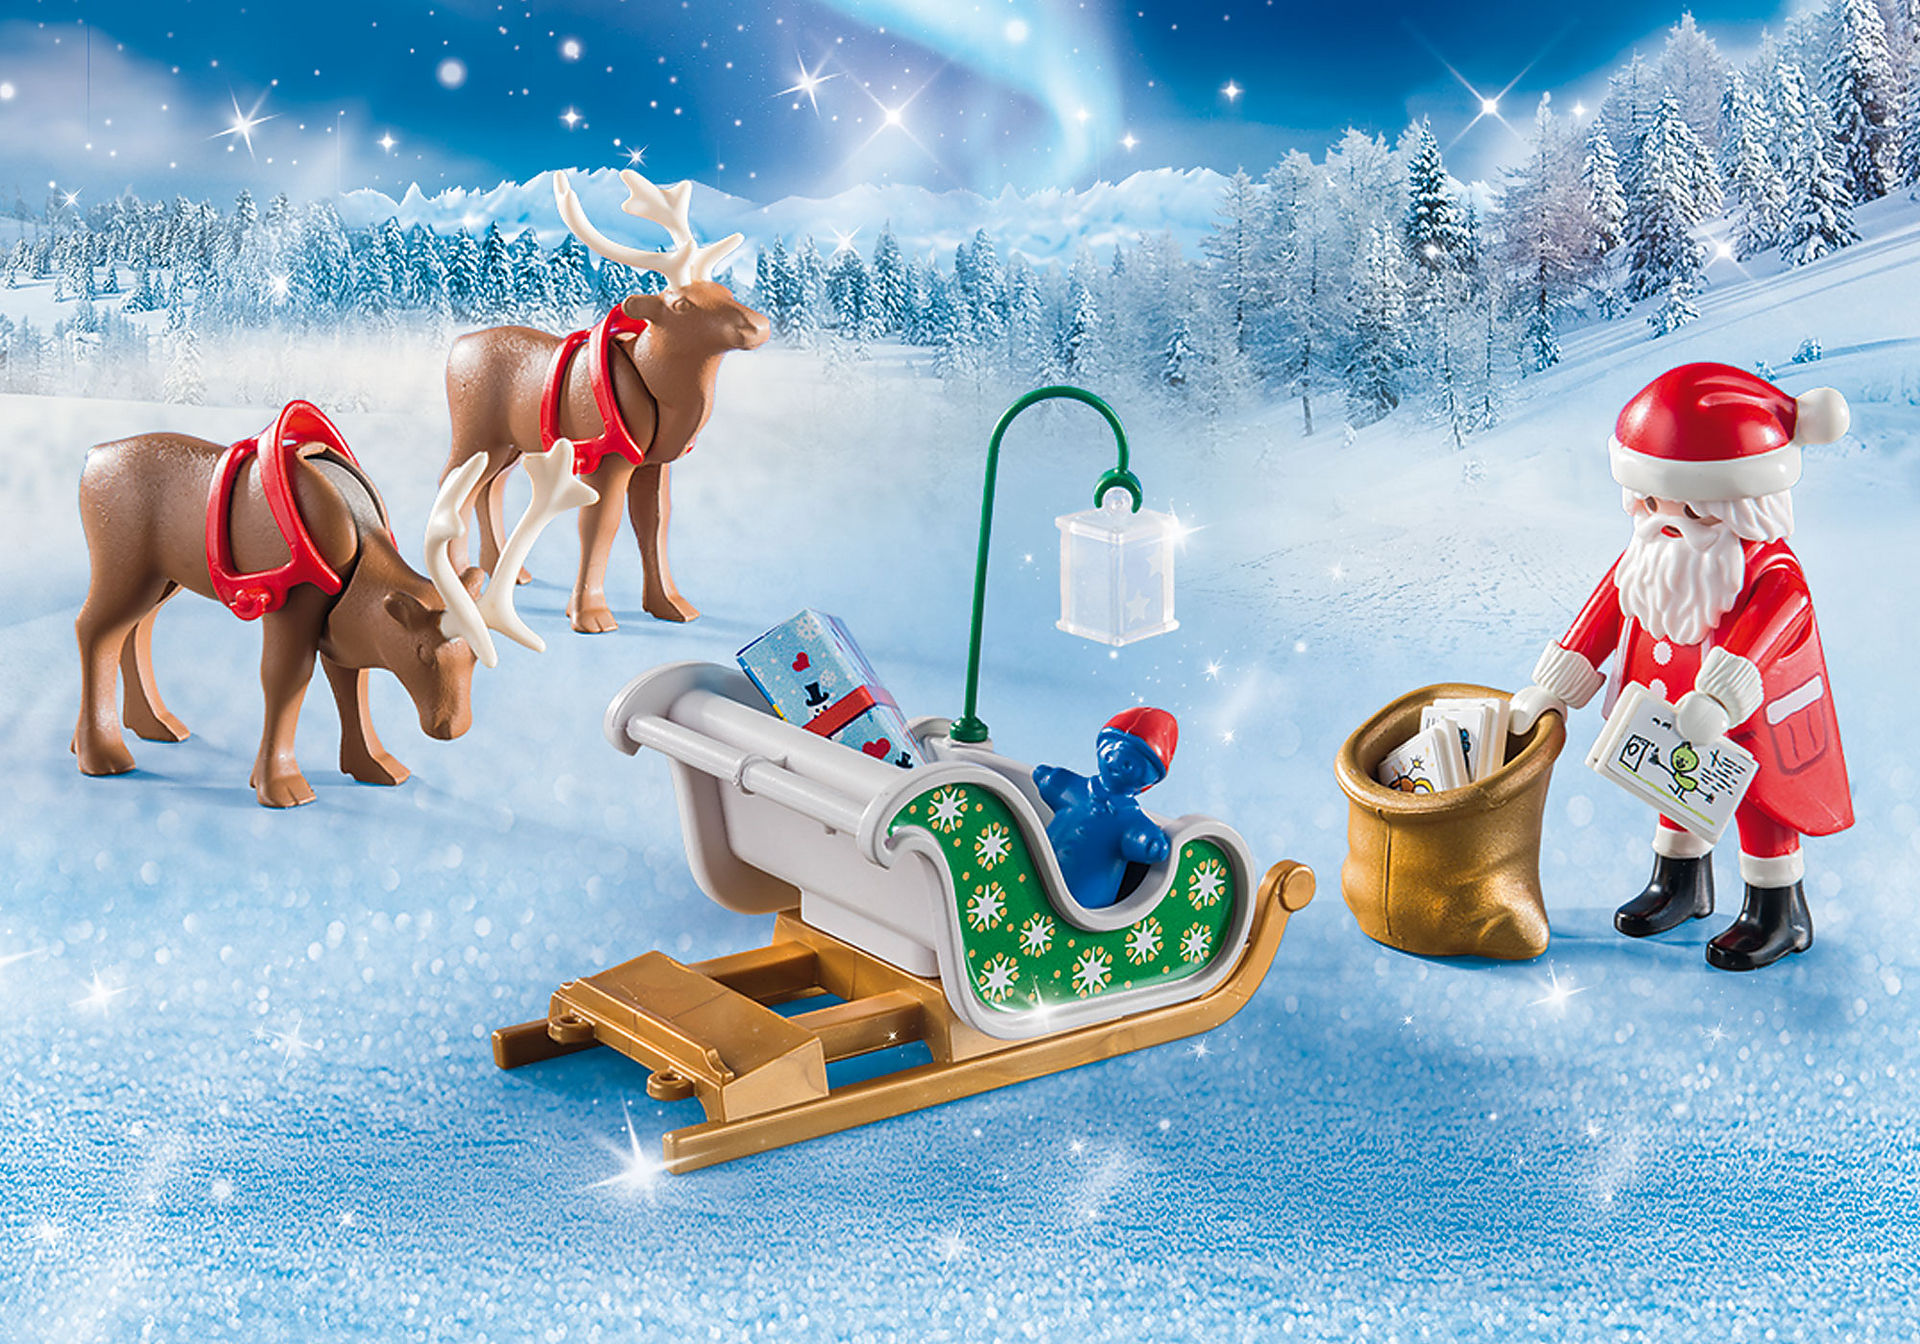 Verbazingwekkend Kerstslee met rendieren - 9496 - PLAYMOBIL® Nederland AU-87